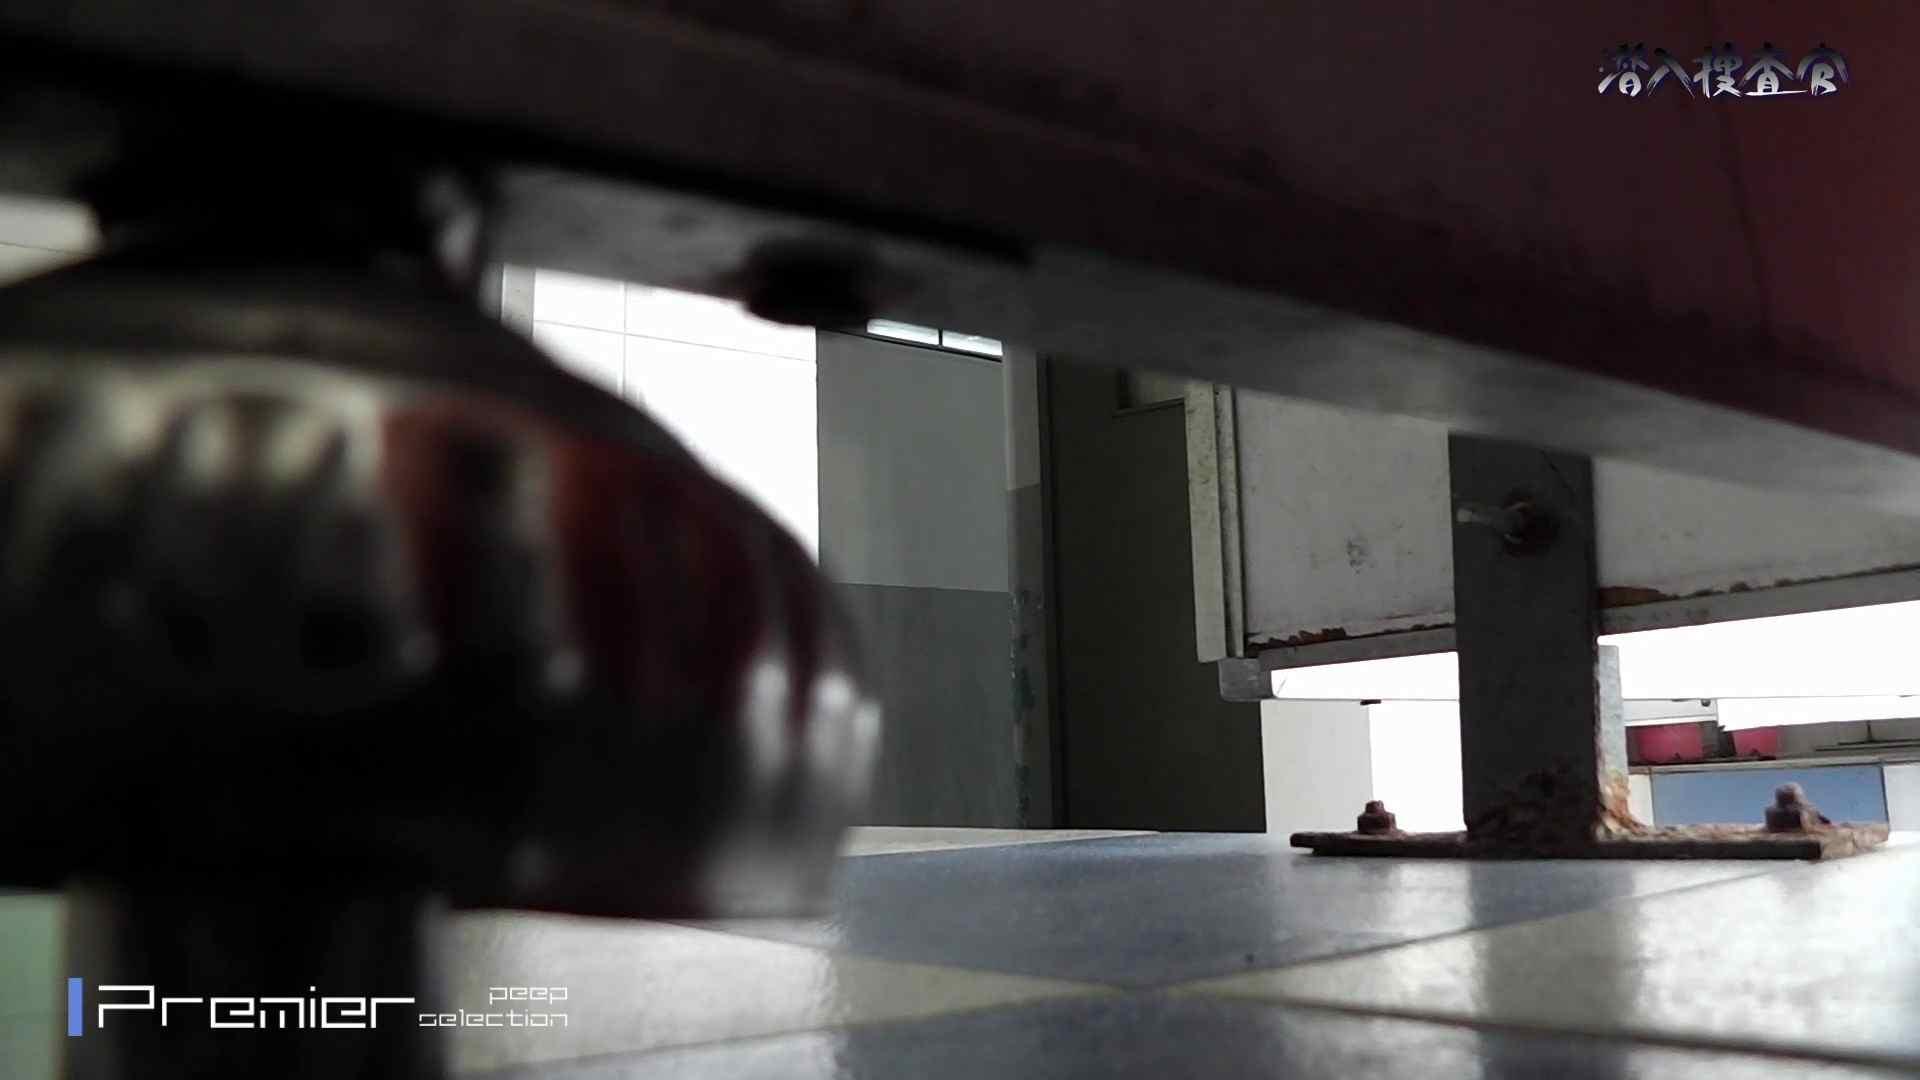 下からノゾム vol.036 マンコ AV動画キャプチャ 112pic 5